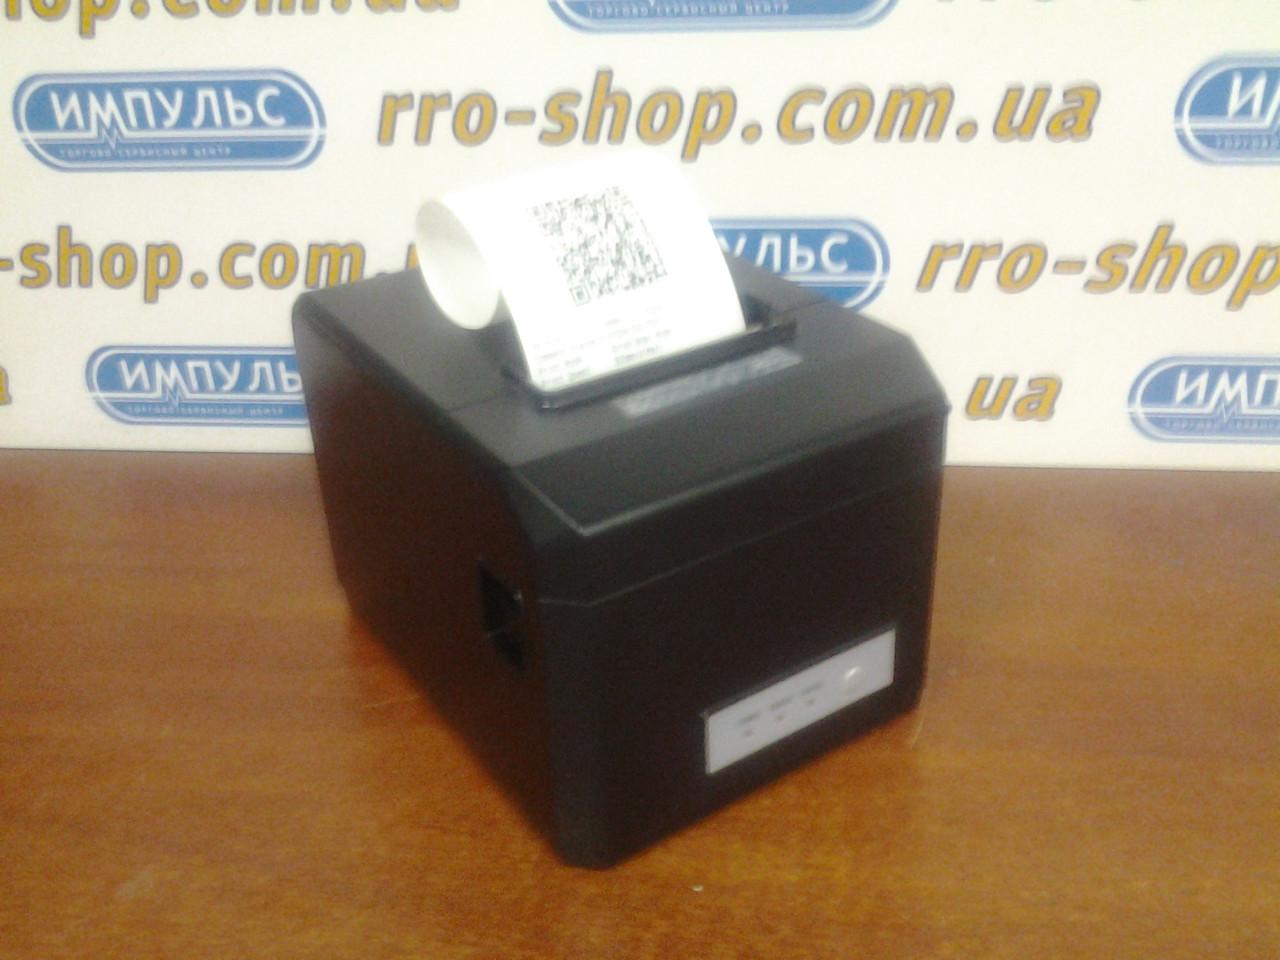 Чековый принтер RTPOS 80 с WiFi (USB, Ethernet, WiFi, автообрезка чека)